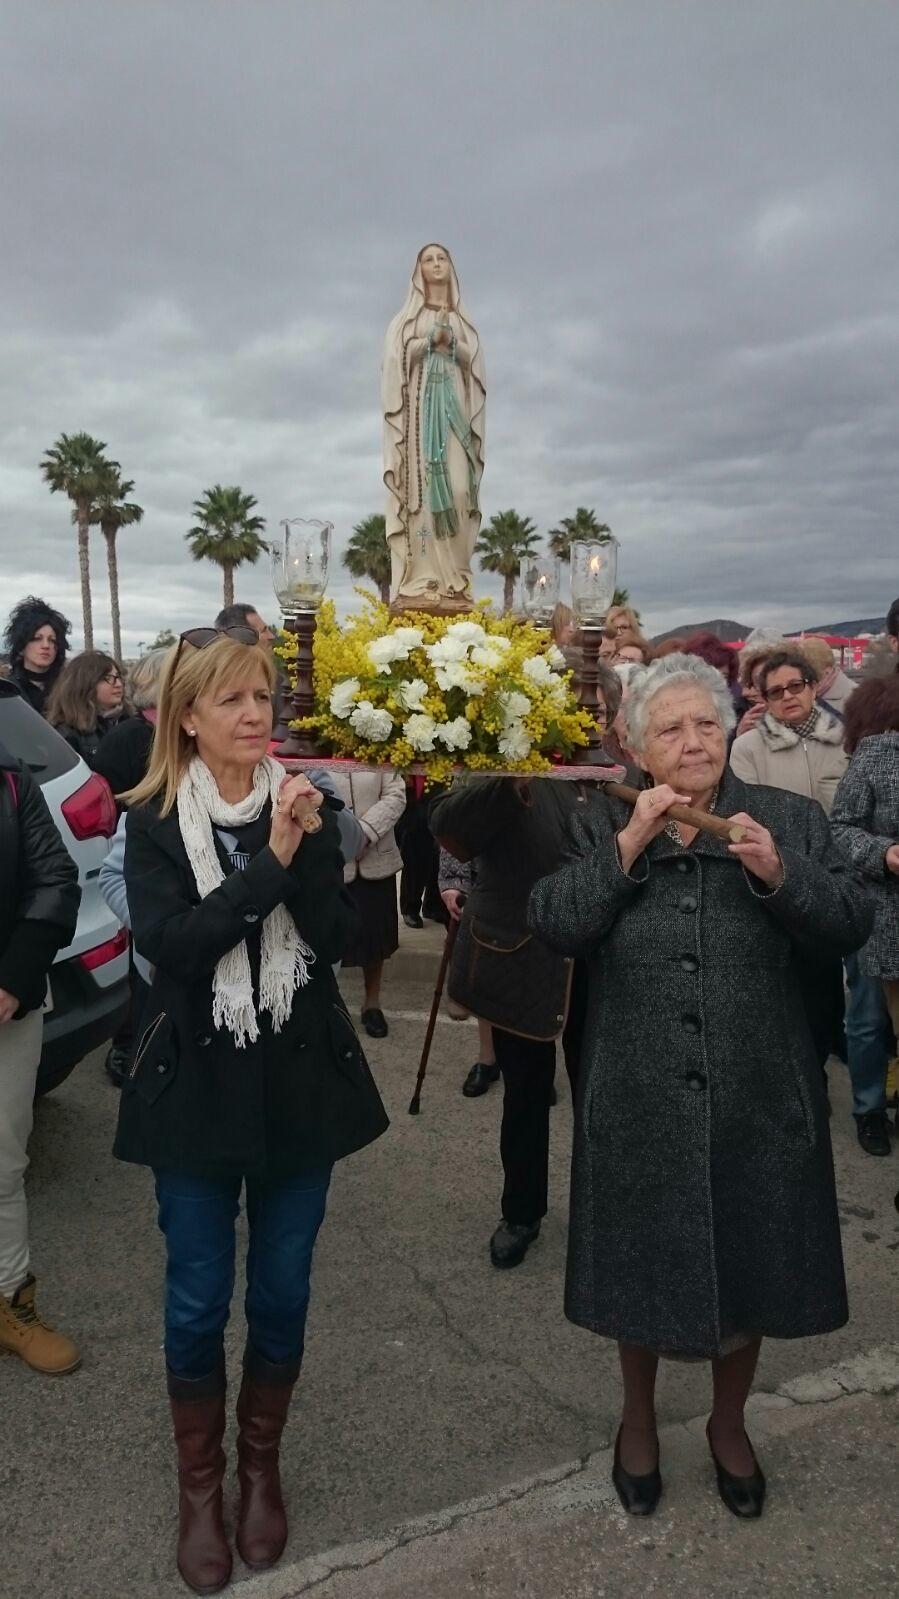 (2016-02-13) - Inauguración Virgen de Lourdes, La Molineta - Pascual Serrano (02)